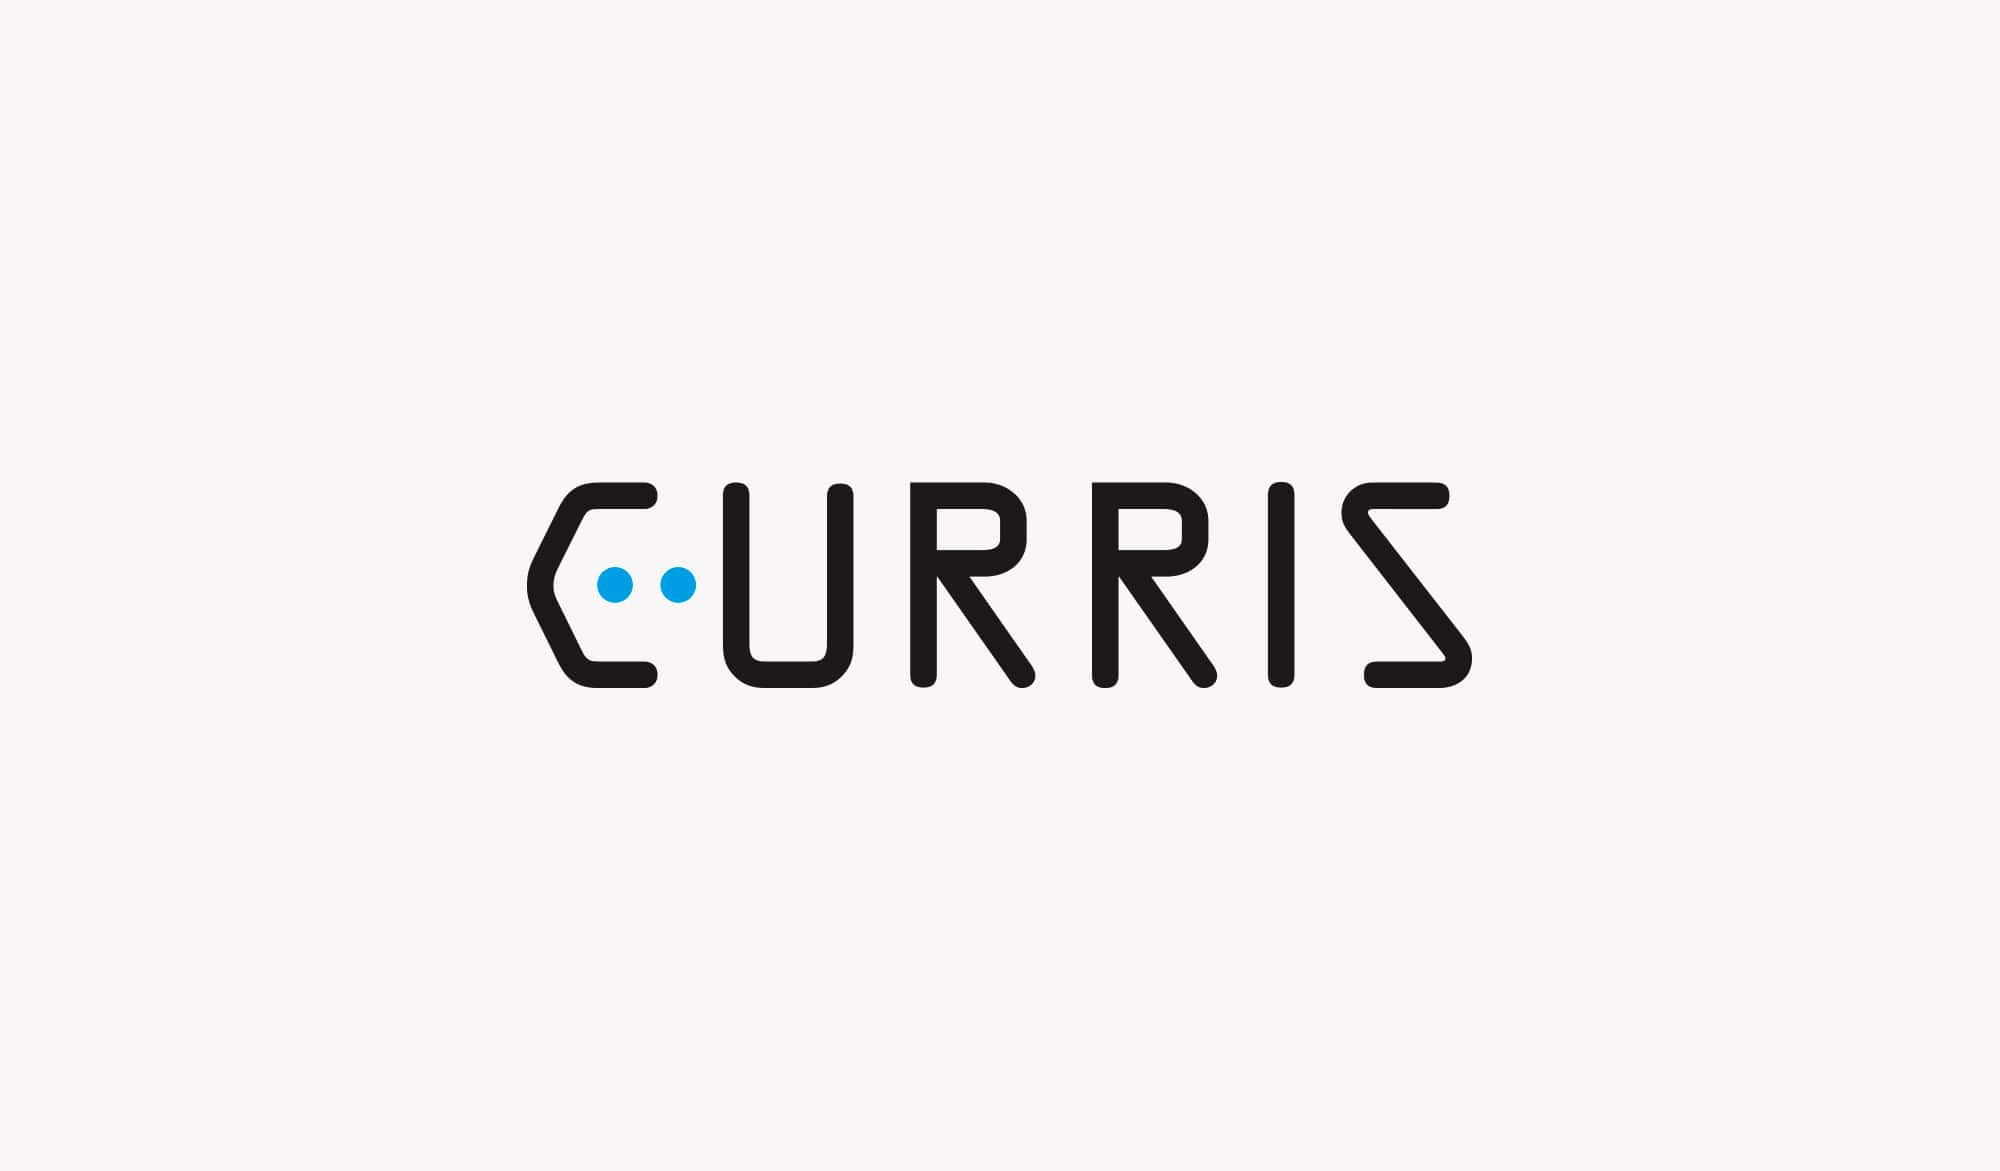 Curris - logo